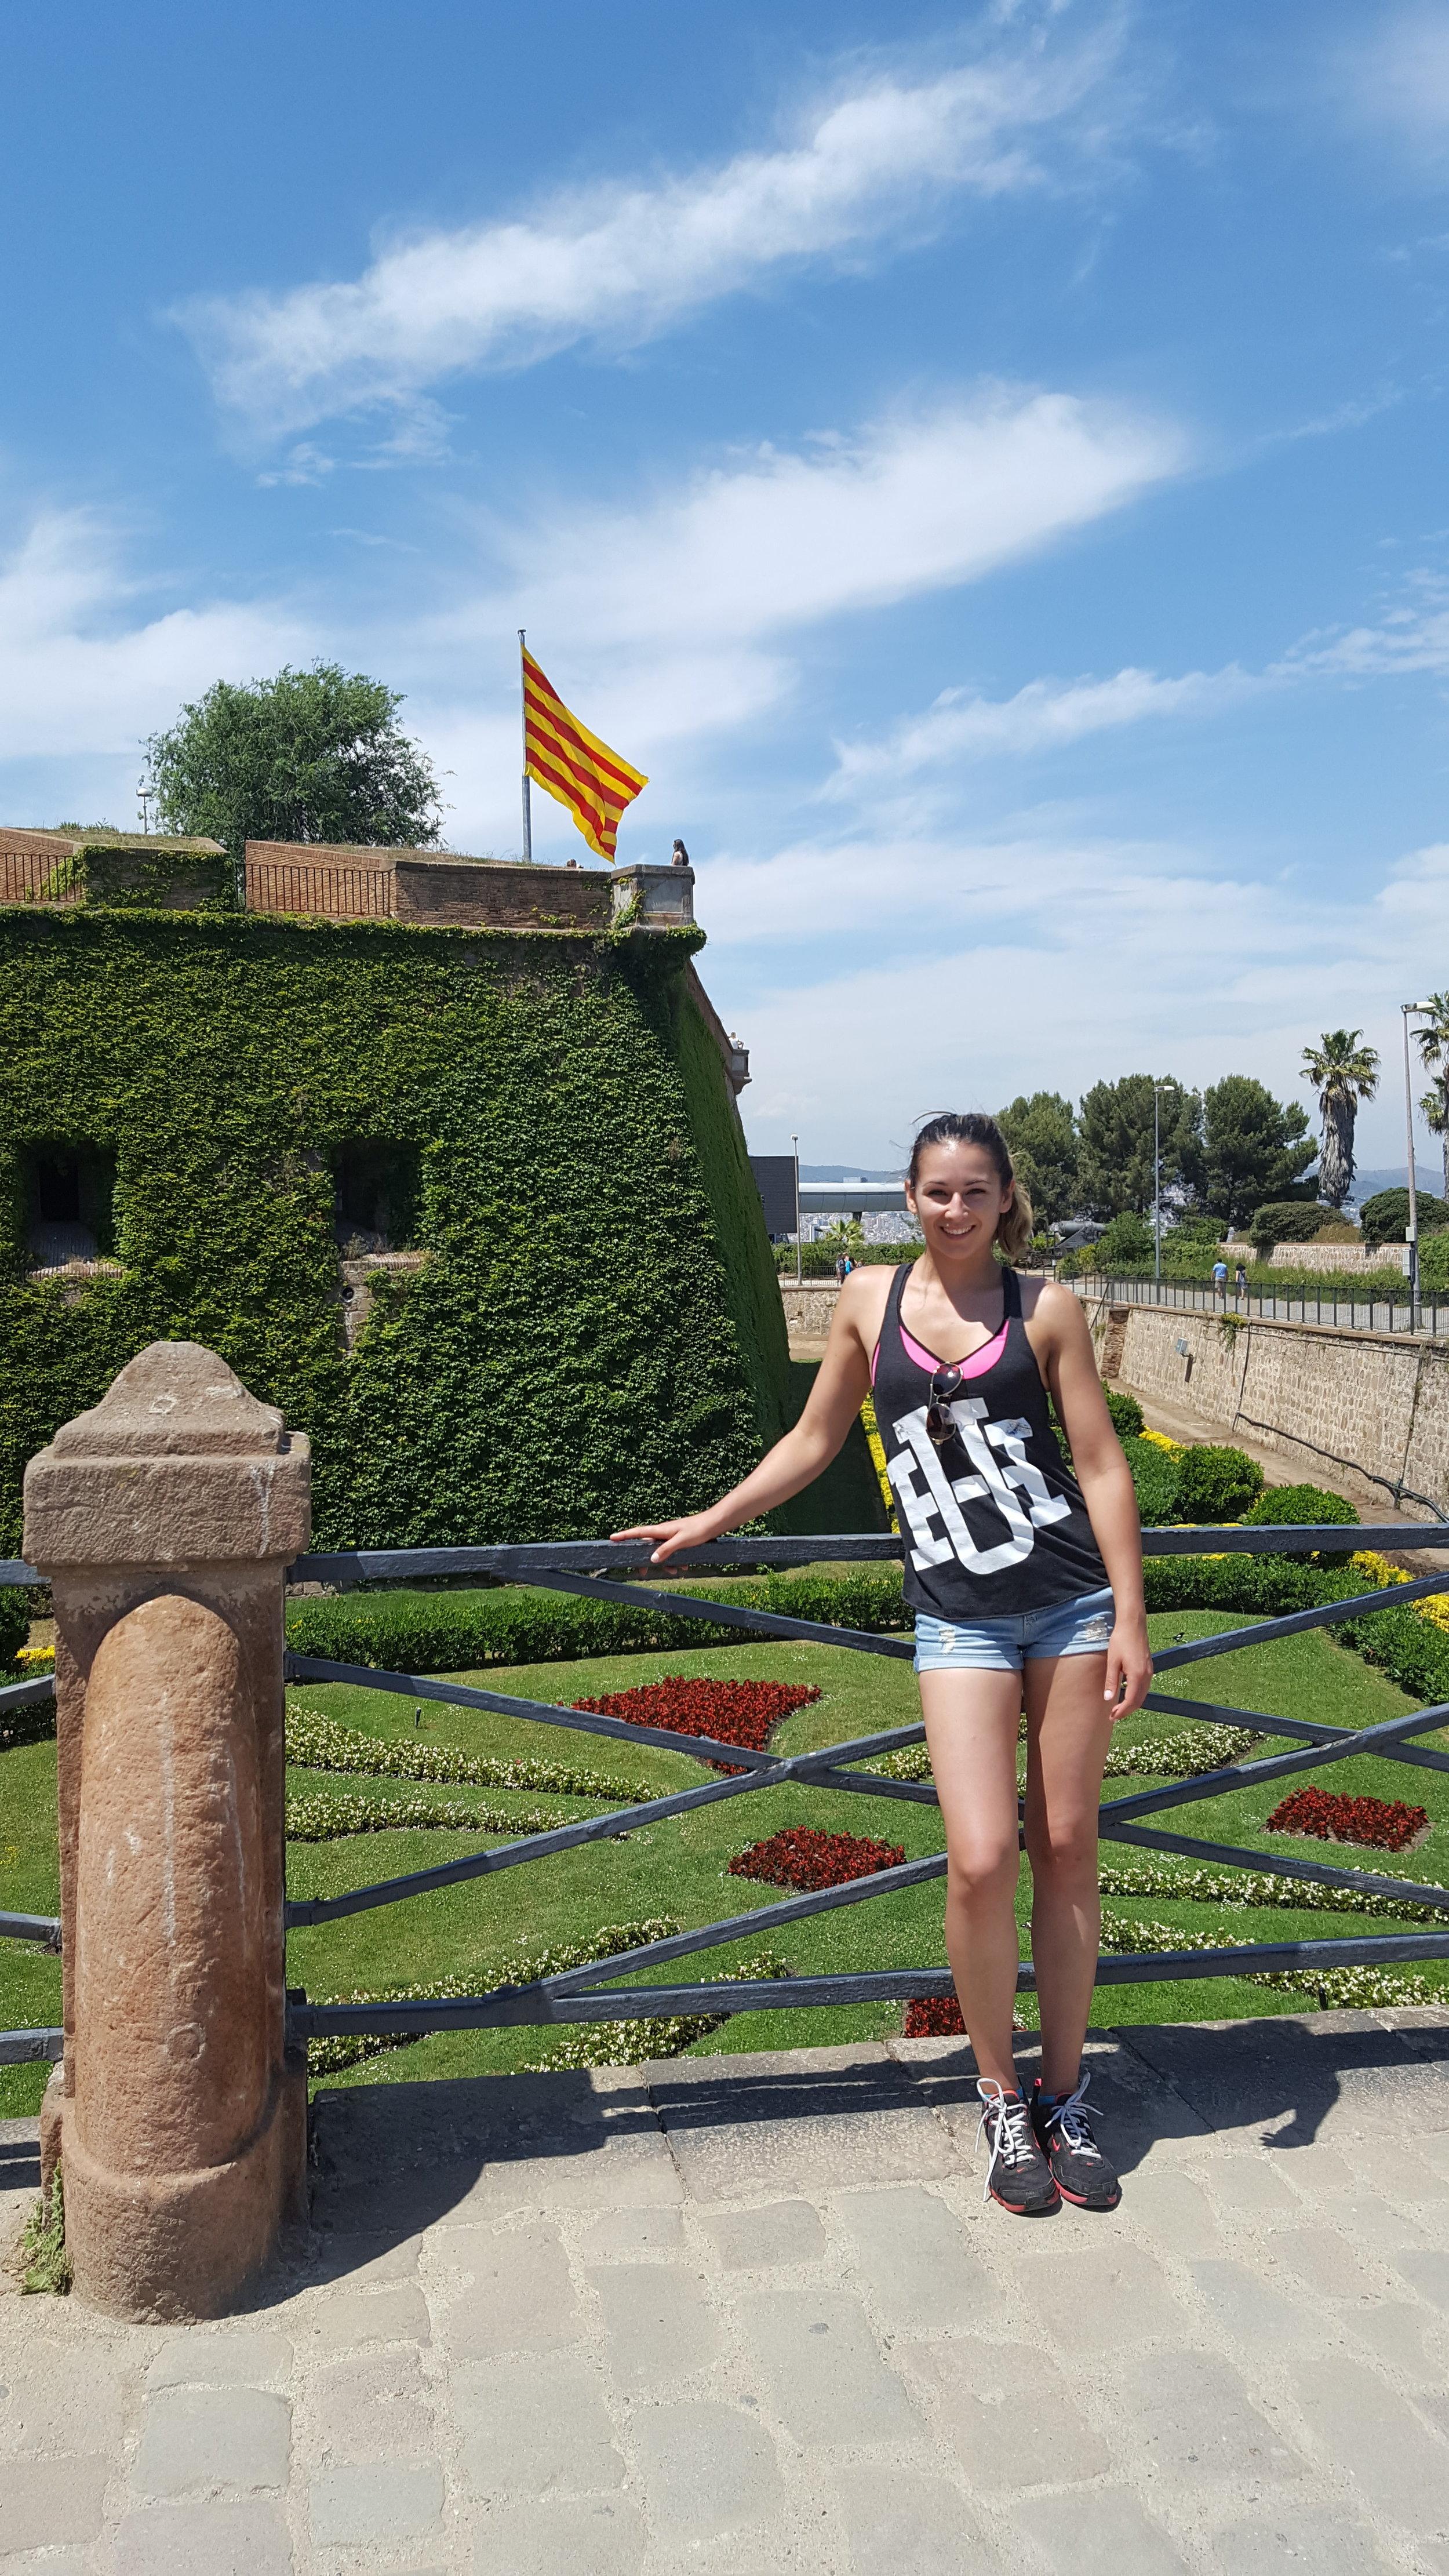 The castle's moat